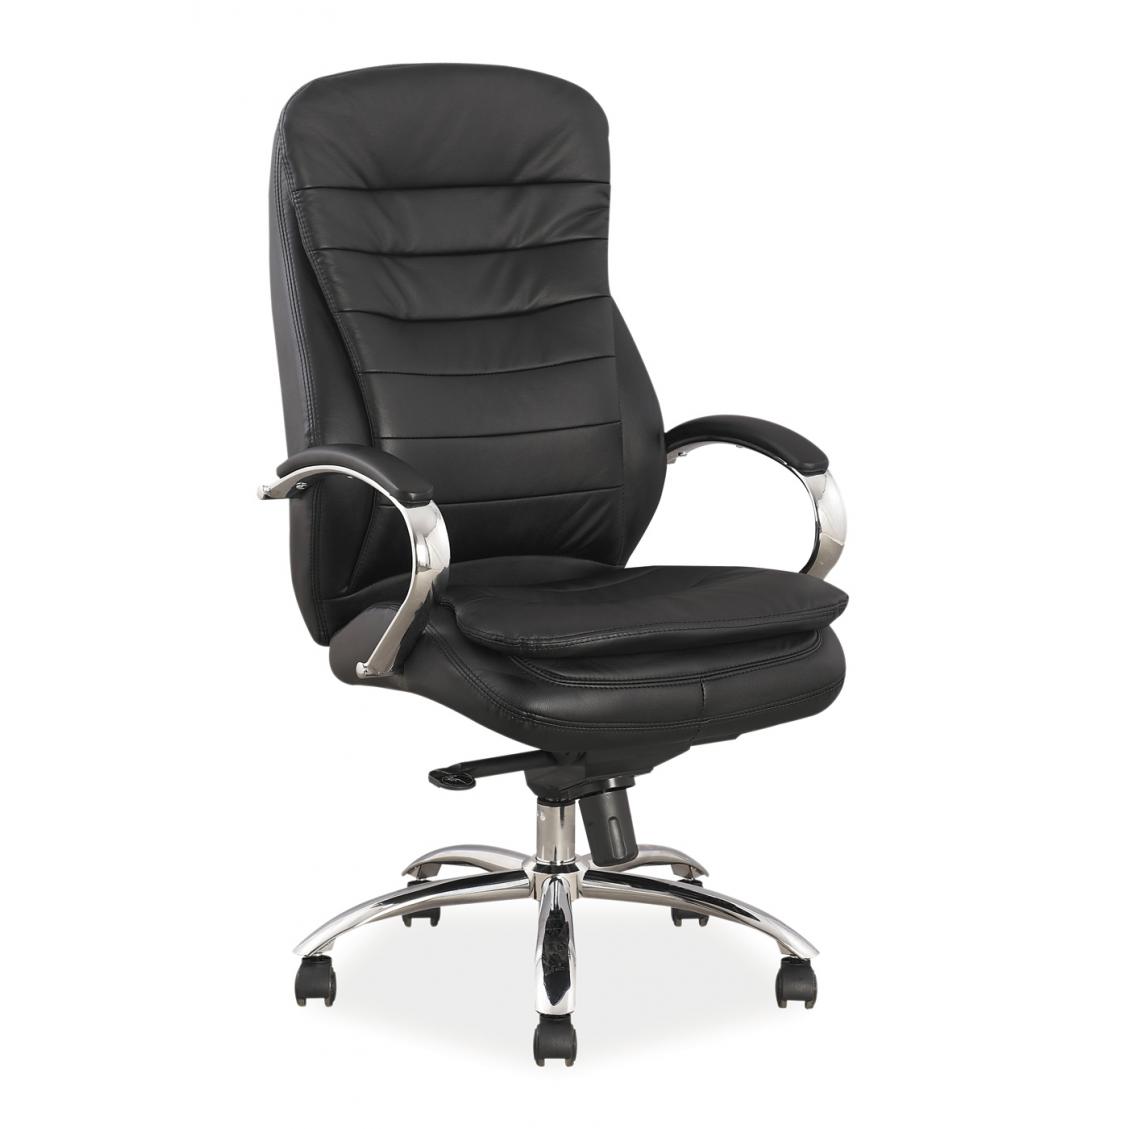 Fotel obrotowy q-154 skórzany